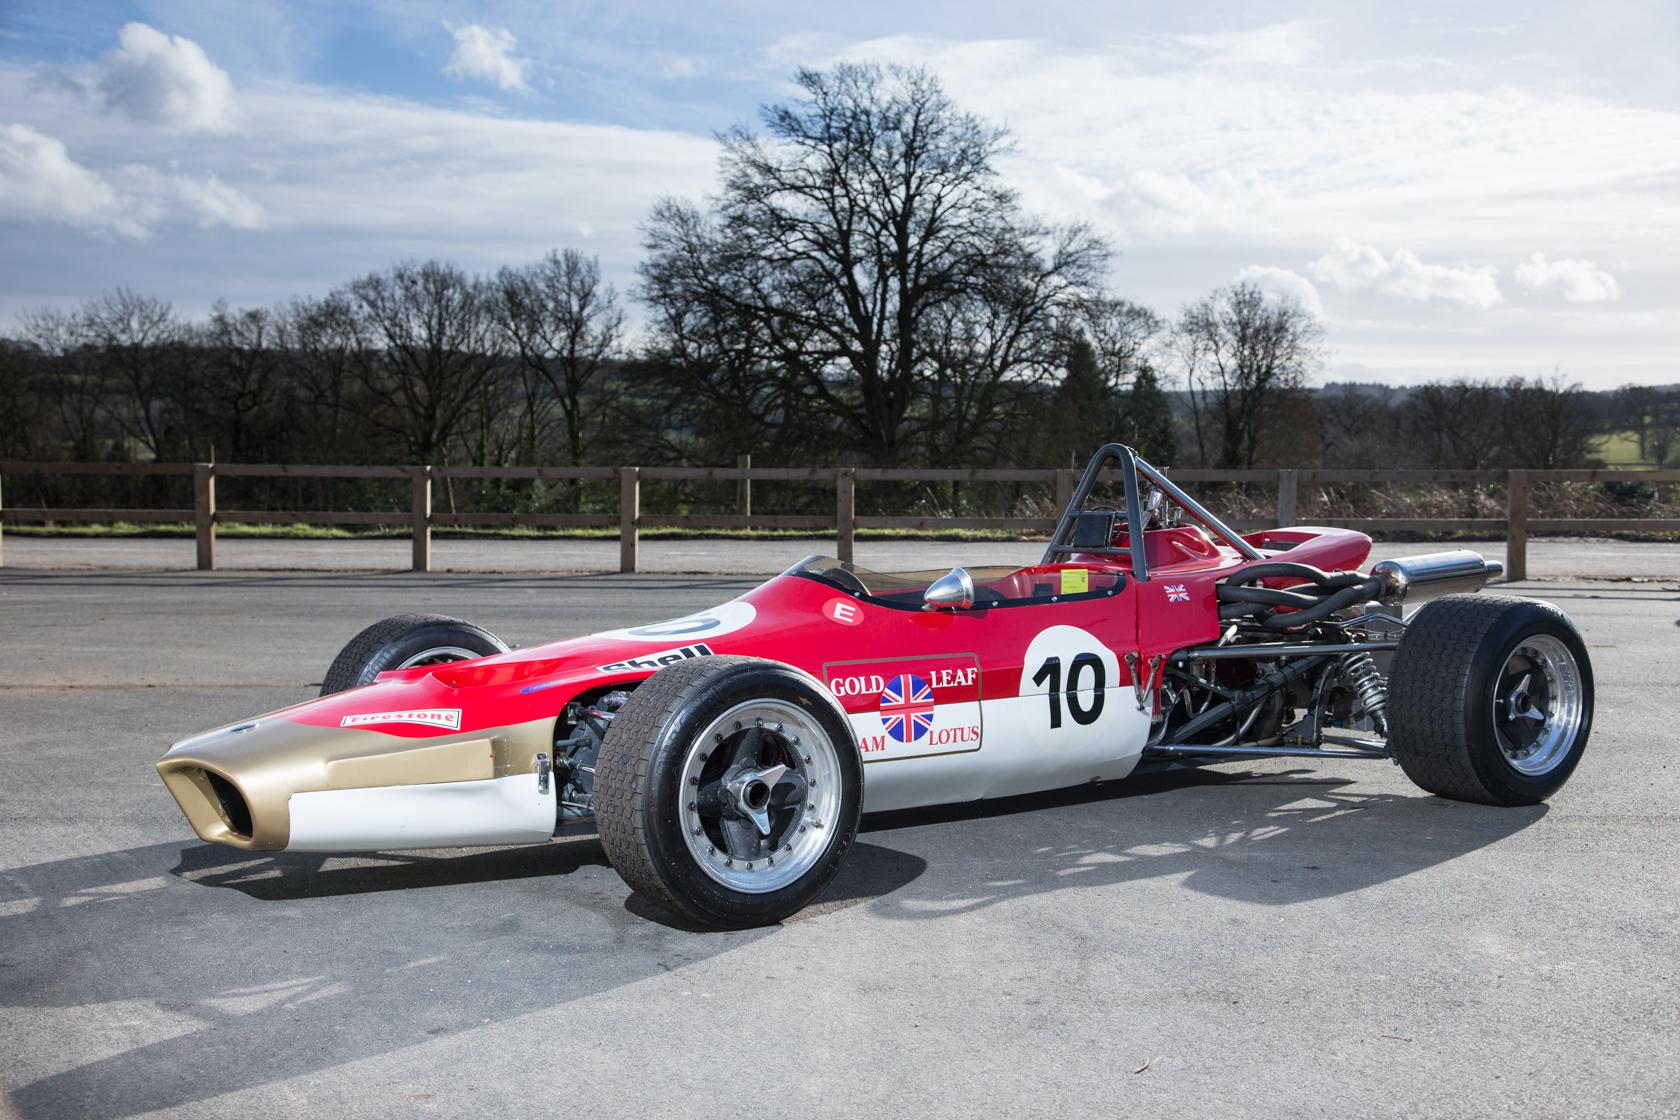 1969 Lotus 59